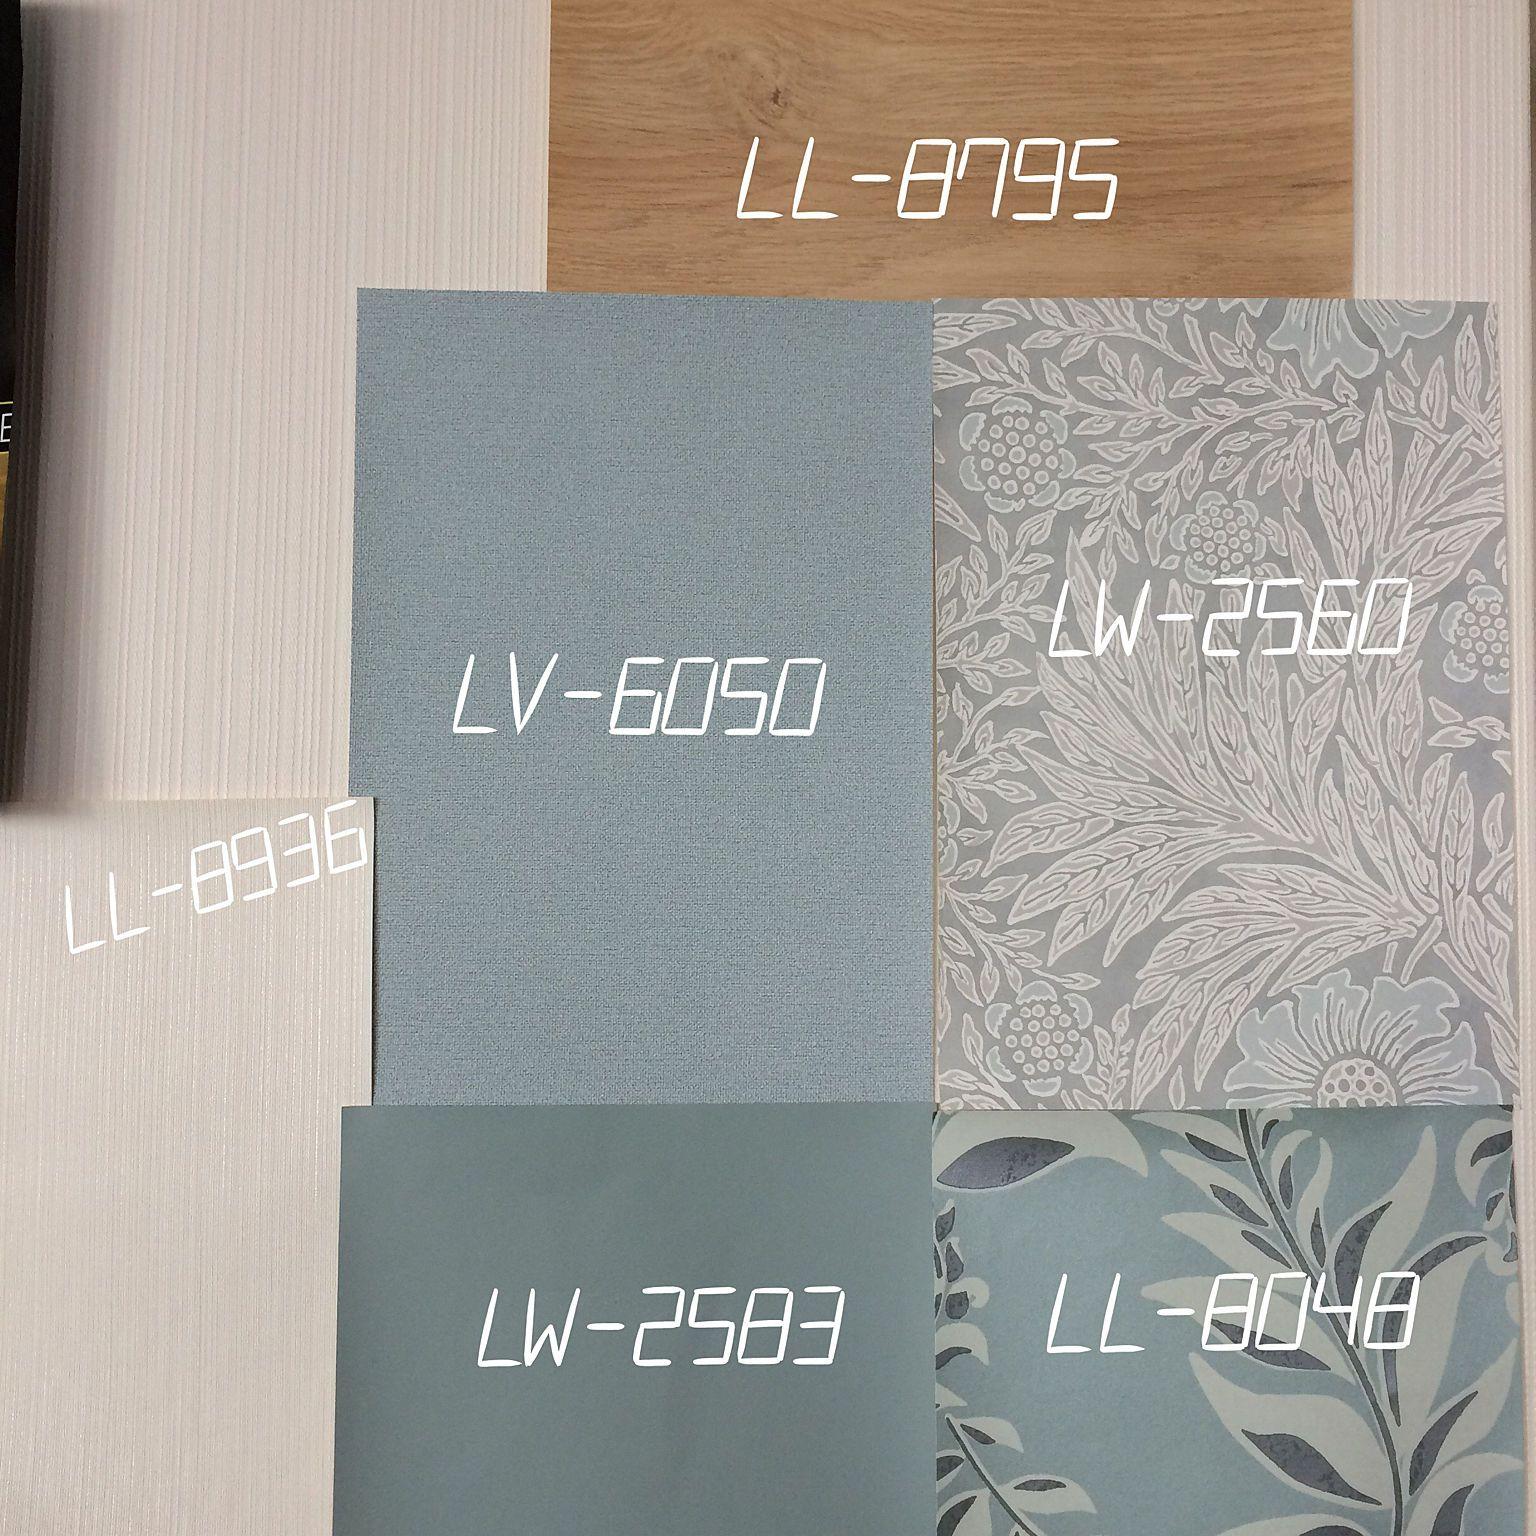 壁 天井 ブルーグレーの壁紙 ブルーグレーの壁 ブルーグレー サンゲツ